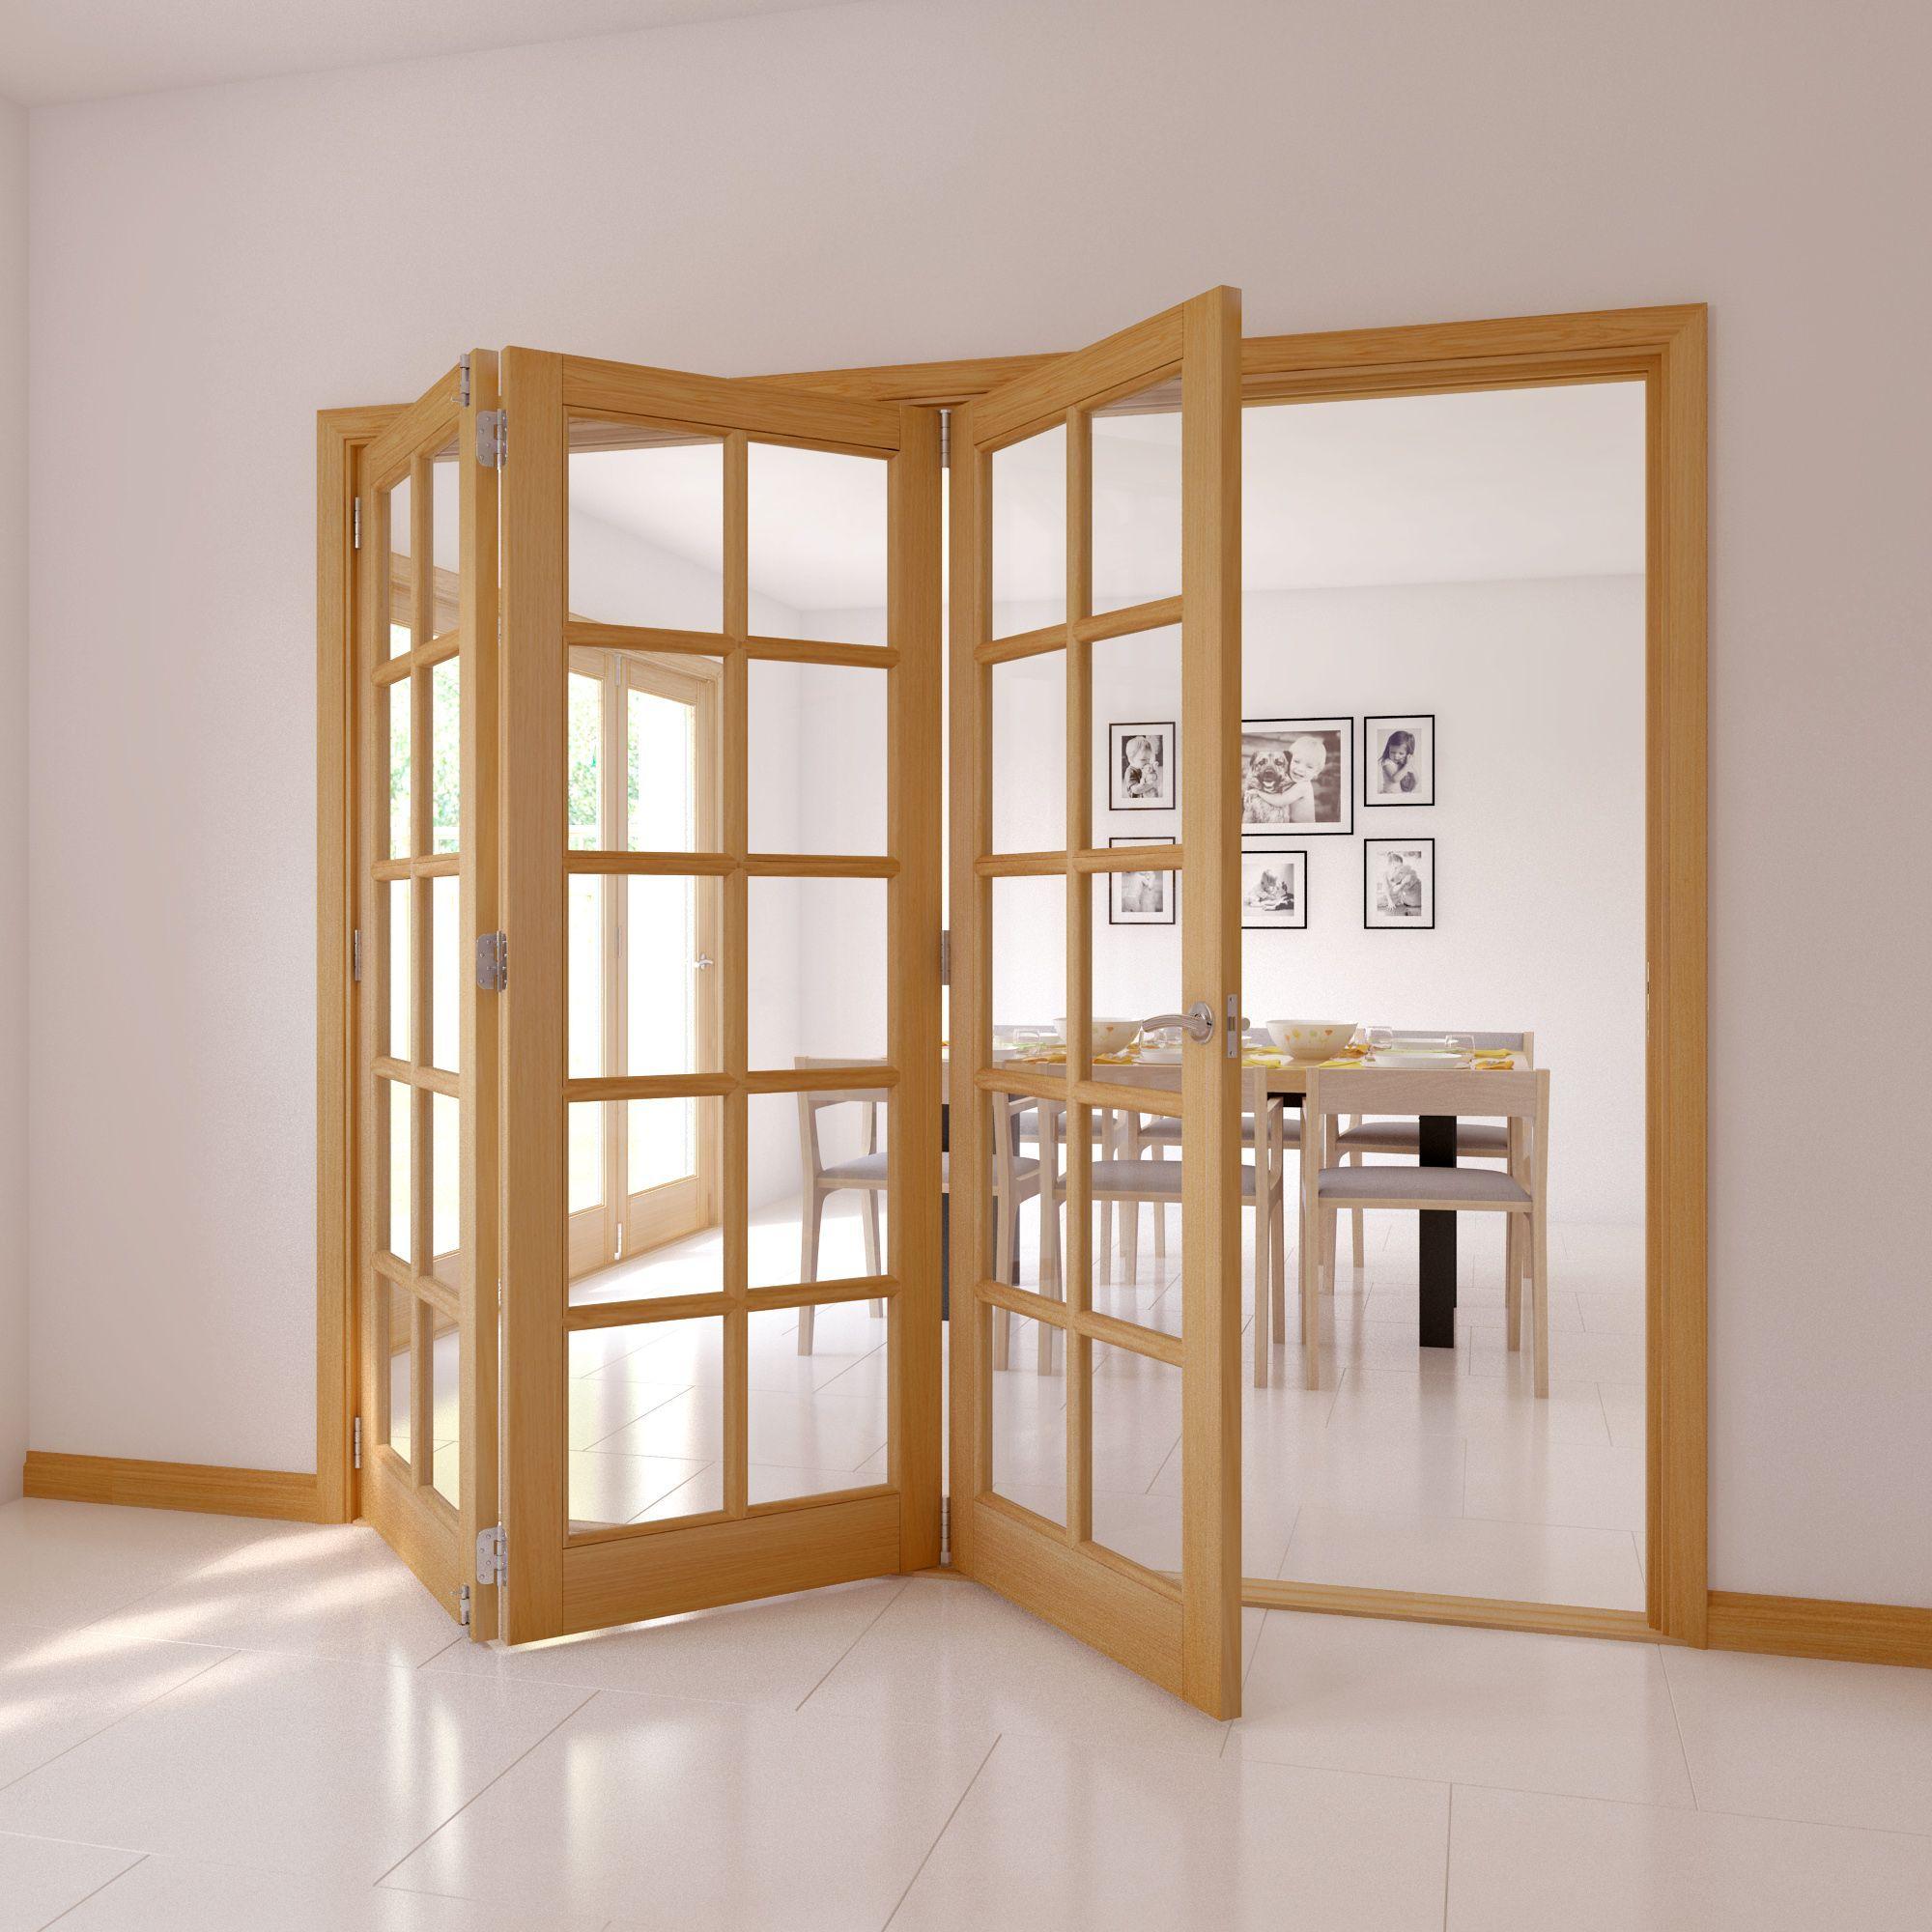 10 Lite Oak Veneer Glazed Internal Folding Door, (H)2035mm (W)2146mm ...